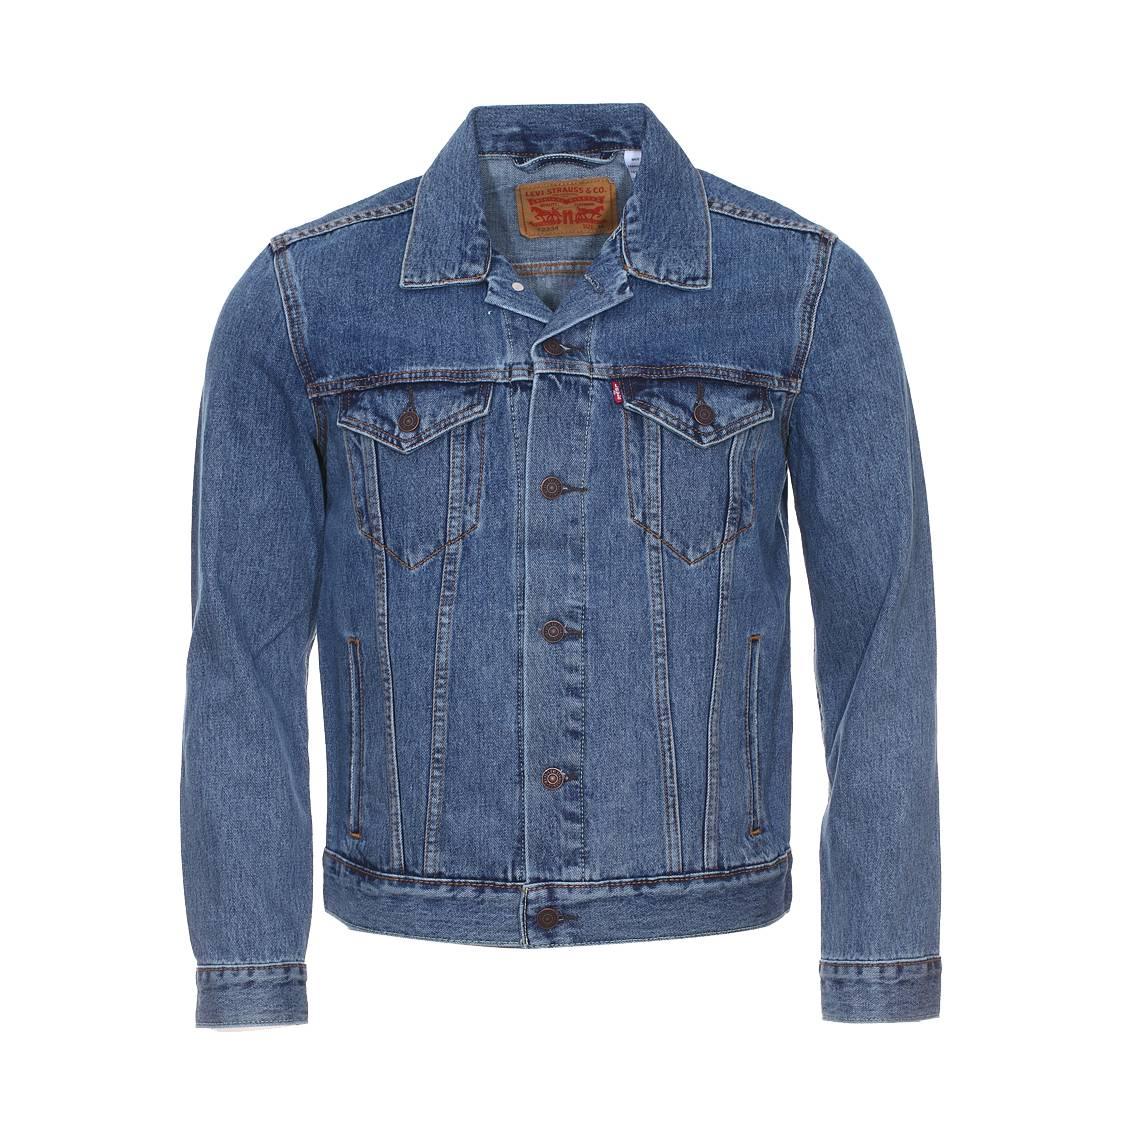 Veste en jean trucker levi\'s bleu clair vintage